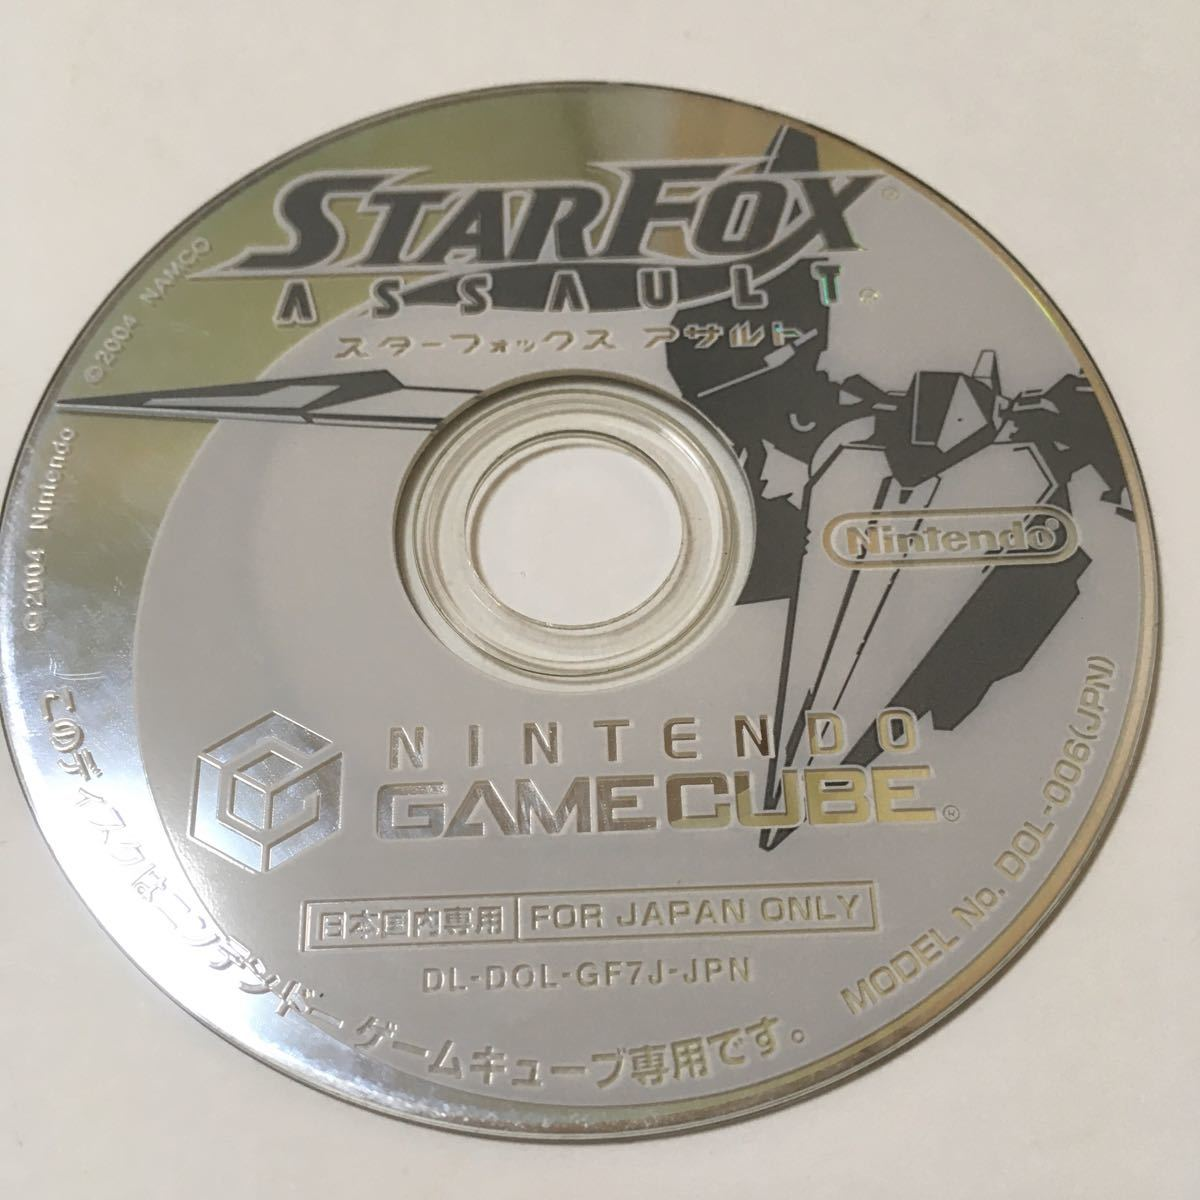 ゲームキューブ ソフト スターフォックスアサルト 動作確認済み